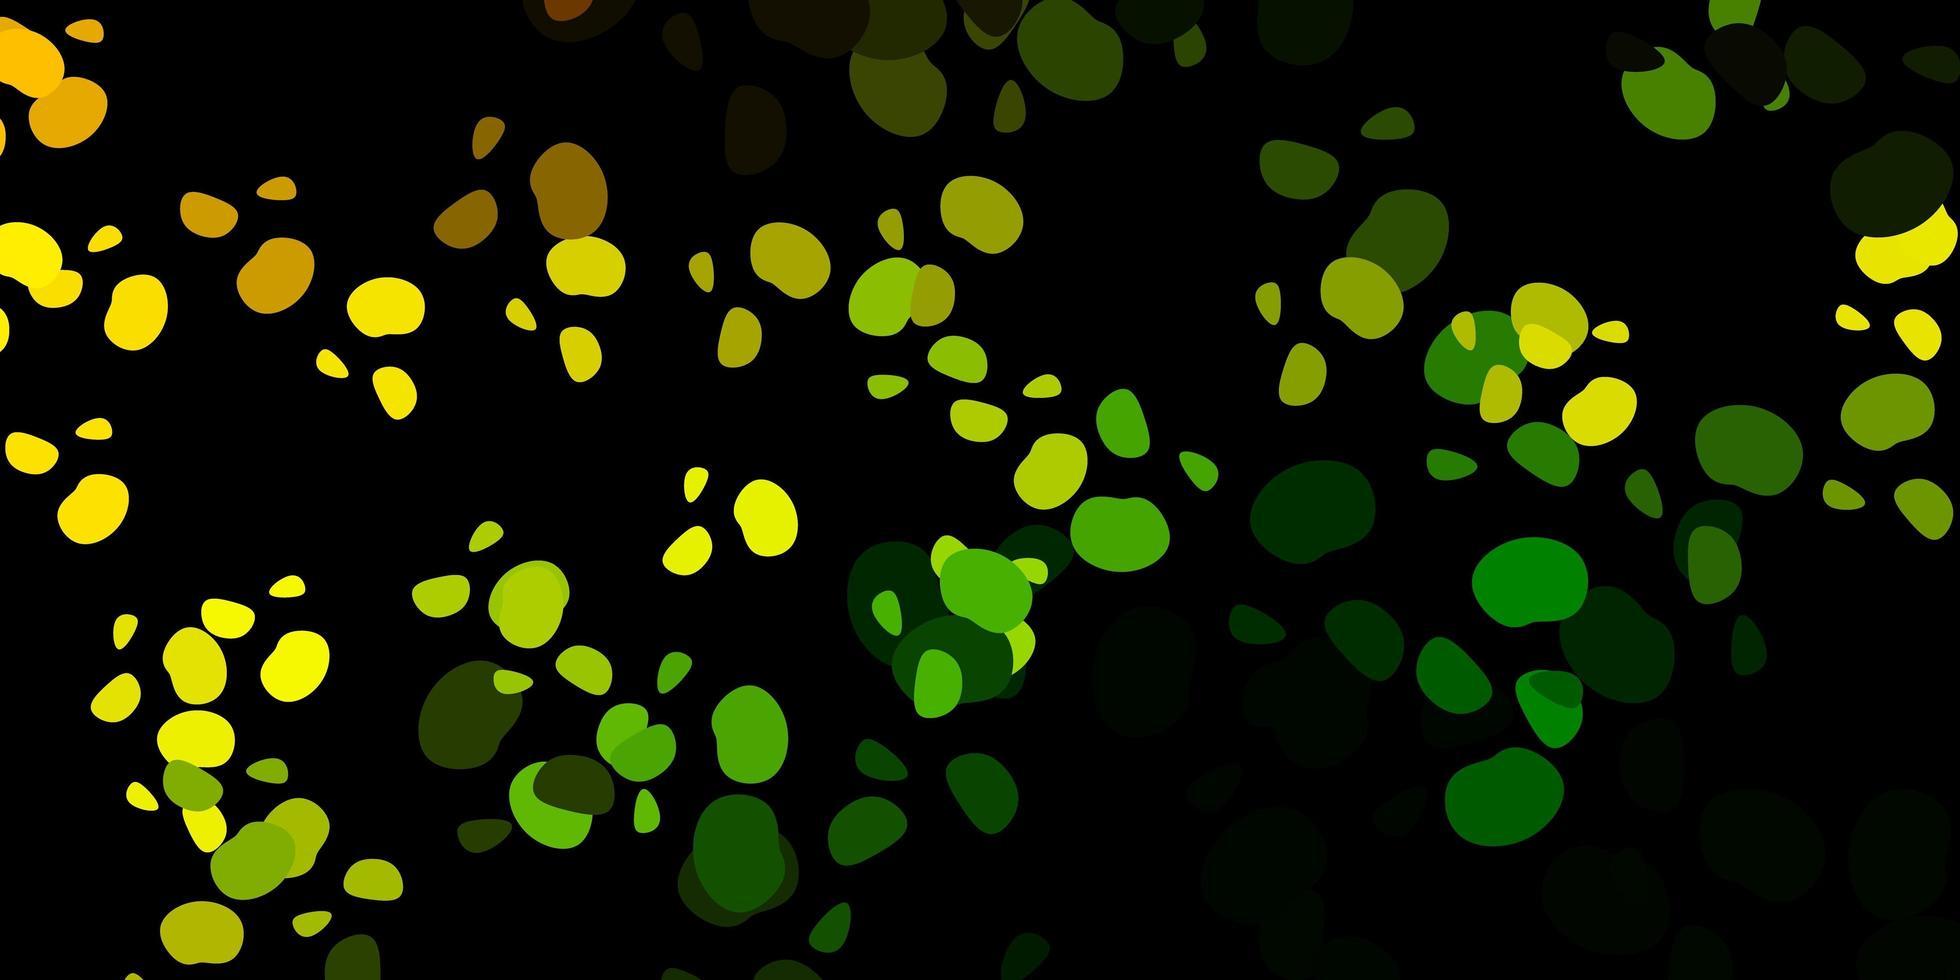 Fondo de vector verde oscuro, amarillo con formas caóticas.